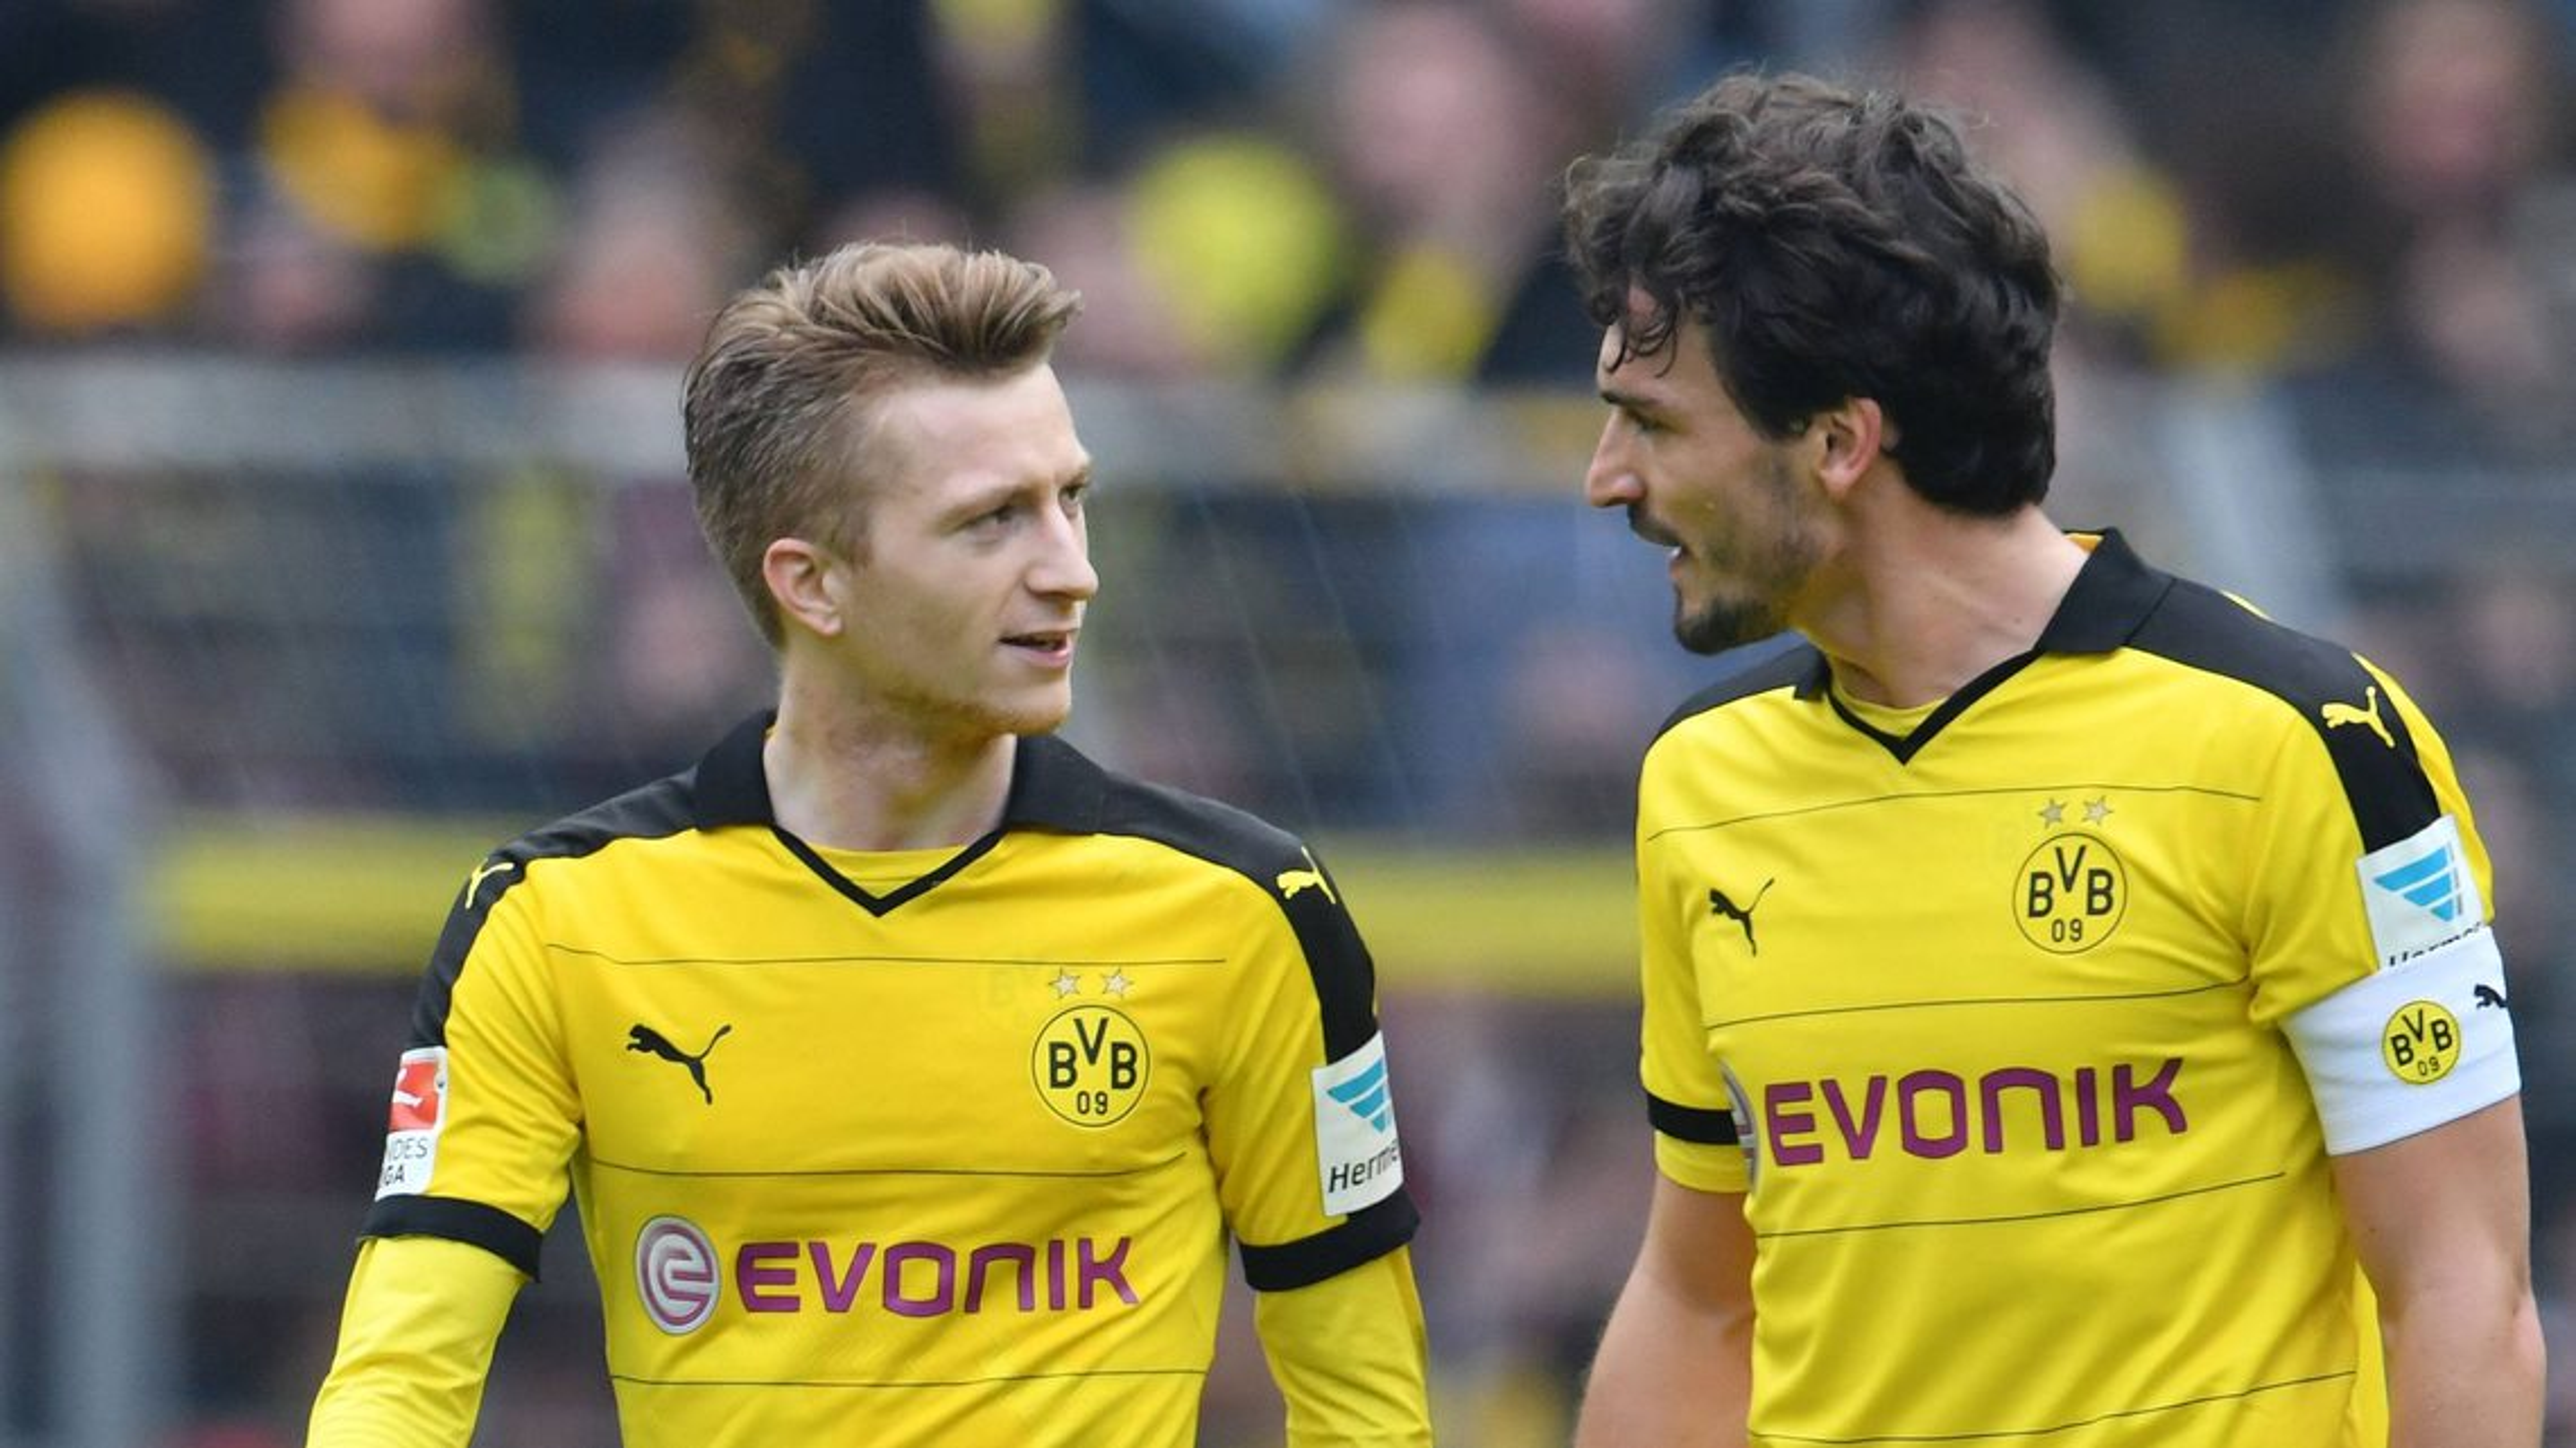 hot sale online 2a634 3fb1e Bundesliga | Borussia Dortmund: No place like home for Mats ...